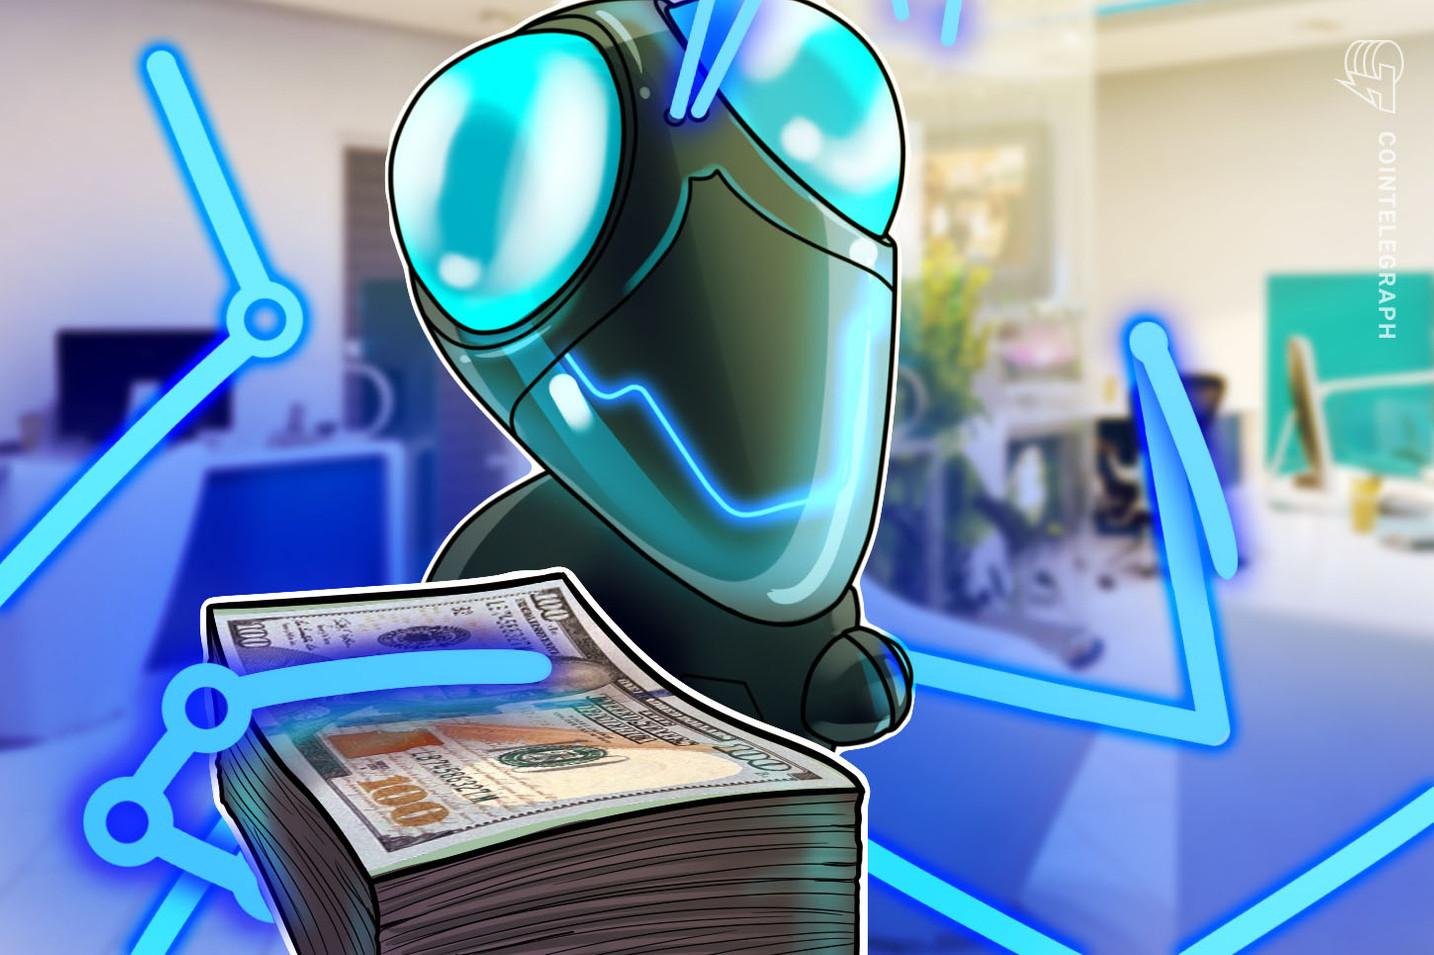 C.R.E.A.M. lança Flash Loans pelo Iron Bank e almeja criar eficiência de capital em todas as cadeias